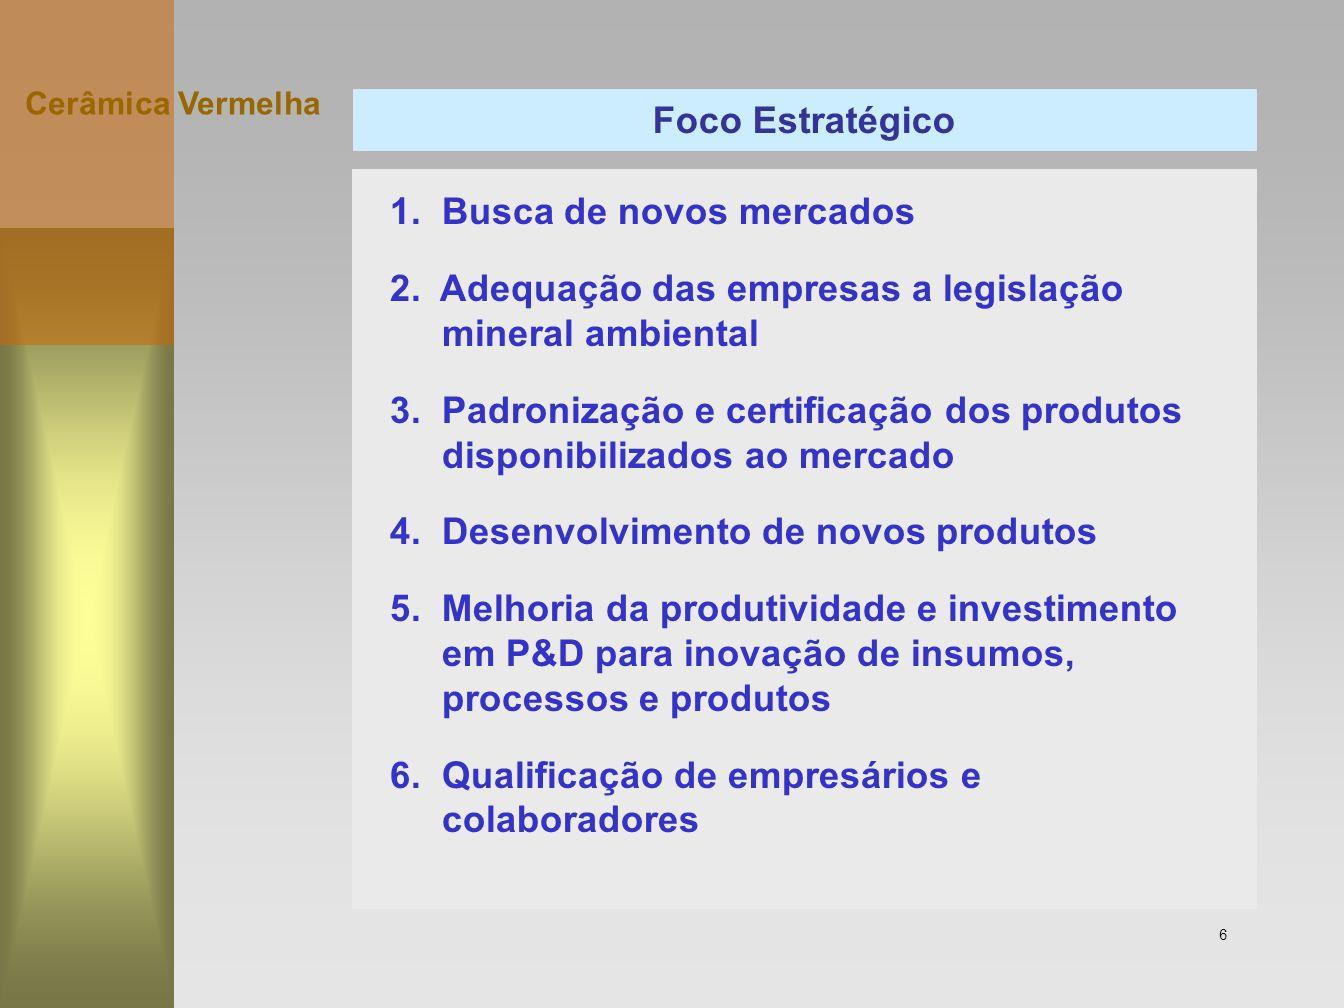 1. Busca de novos mercados 2. Adequação das empresas a legislação